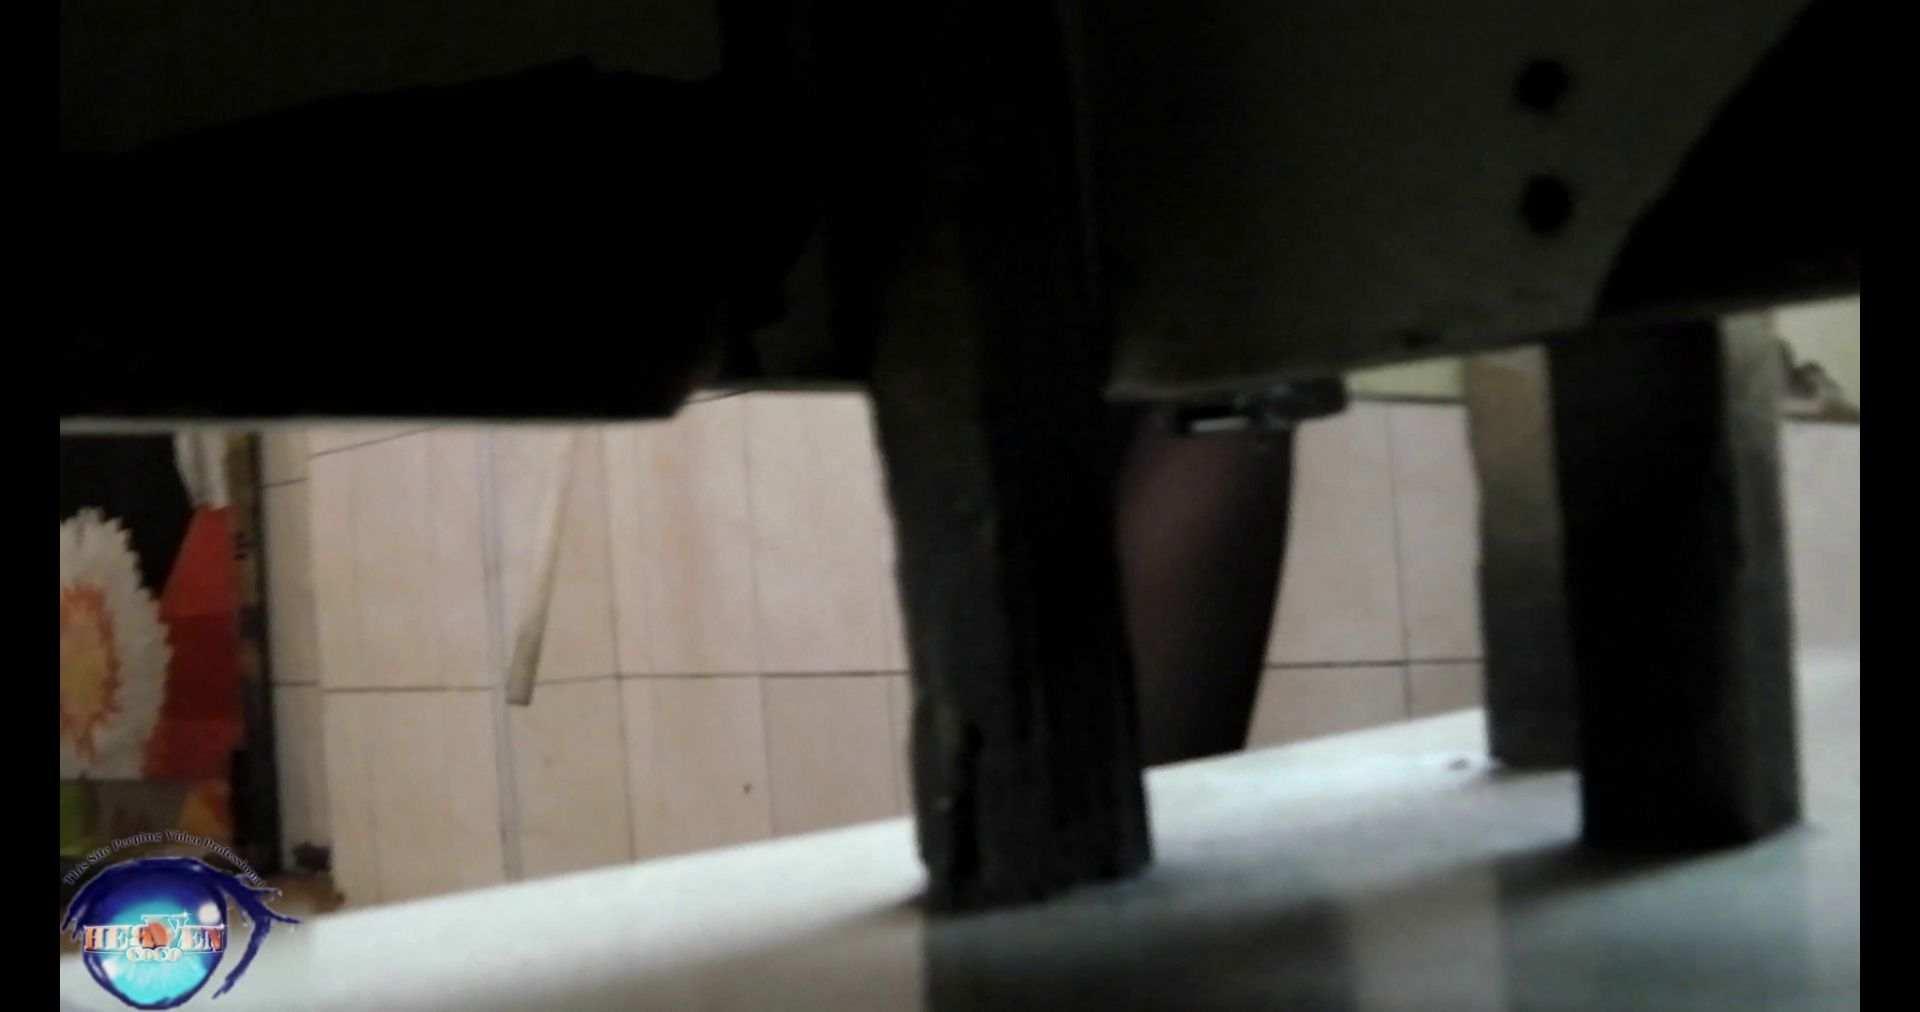 世界の射窓から~ステーション編~vol.34 無料動画のモデルつい本番登場Ⅱやっぱり違います 本番 | OLのエロ生活  96連発 4